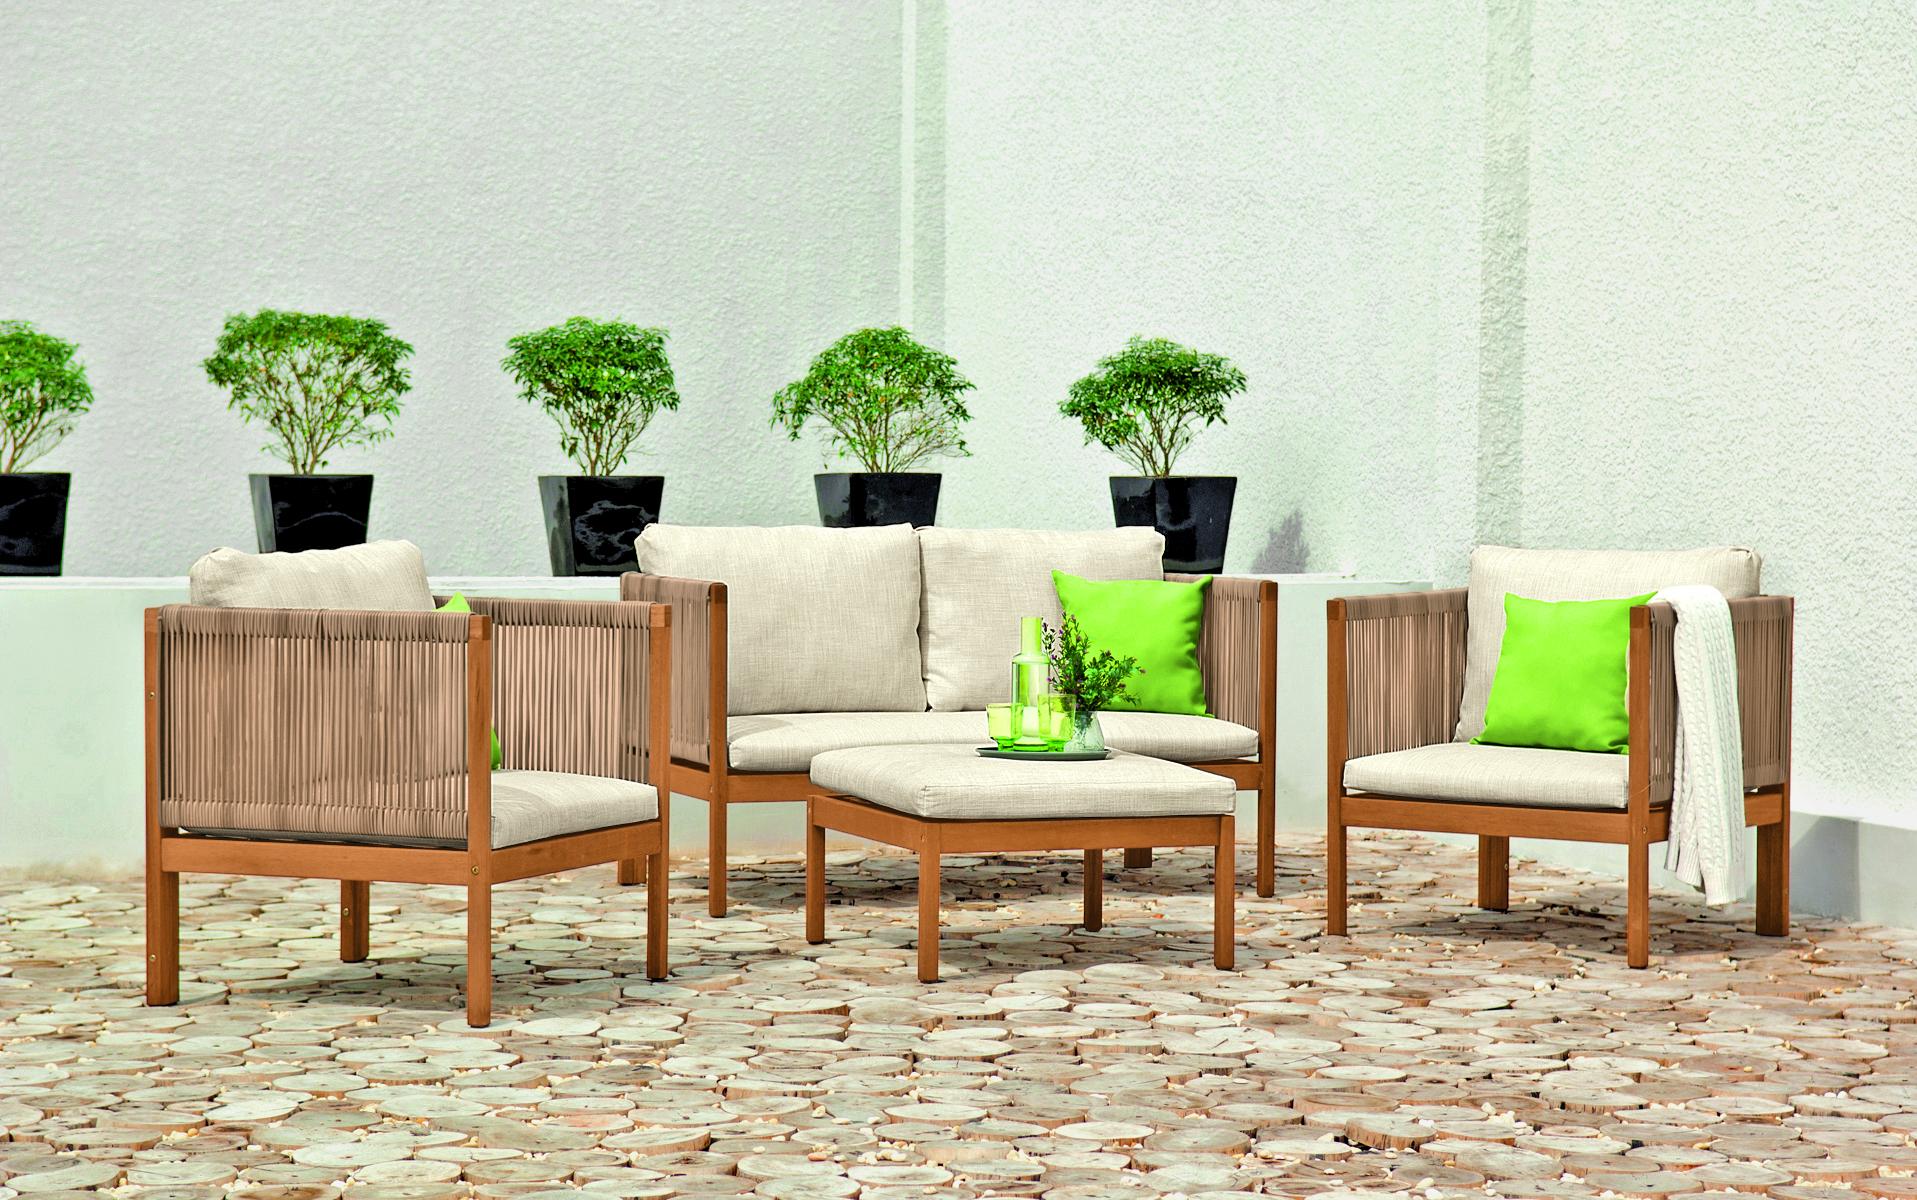 gartenm belserie tiara hellweg die profi baum rkte gmbh co kg sets garten und. Black Bedroom Furniture Sets. Home Design Ideas